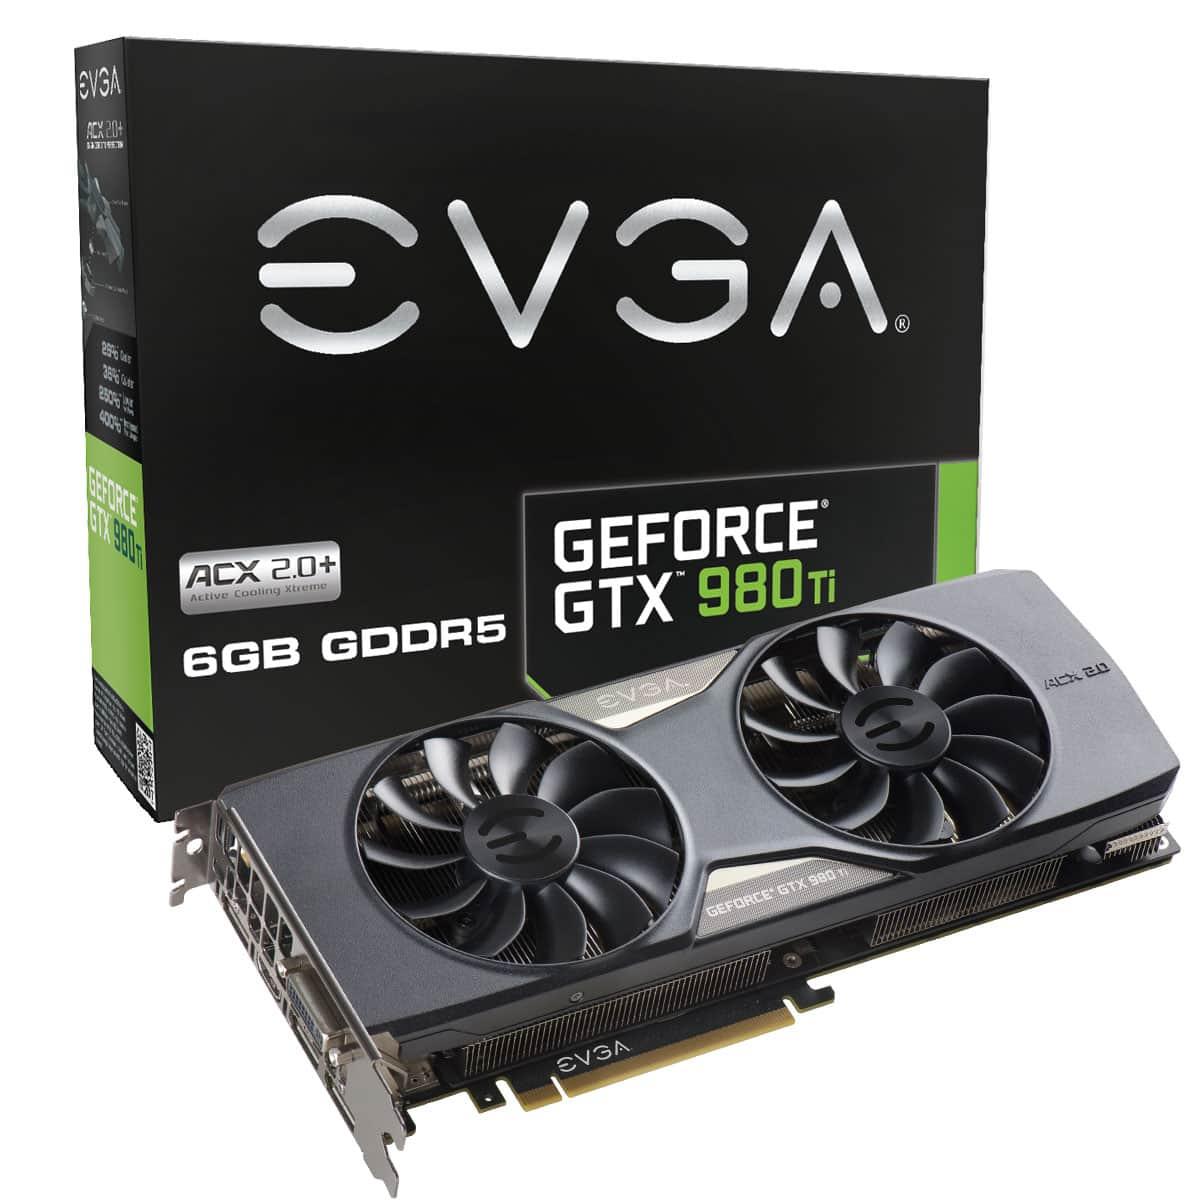 EVGA GeForce GTX 980Ti